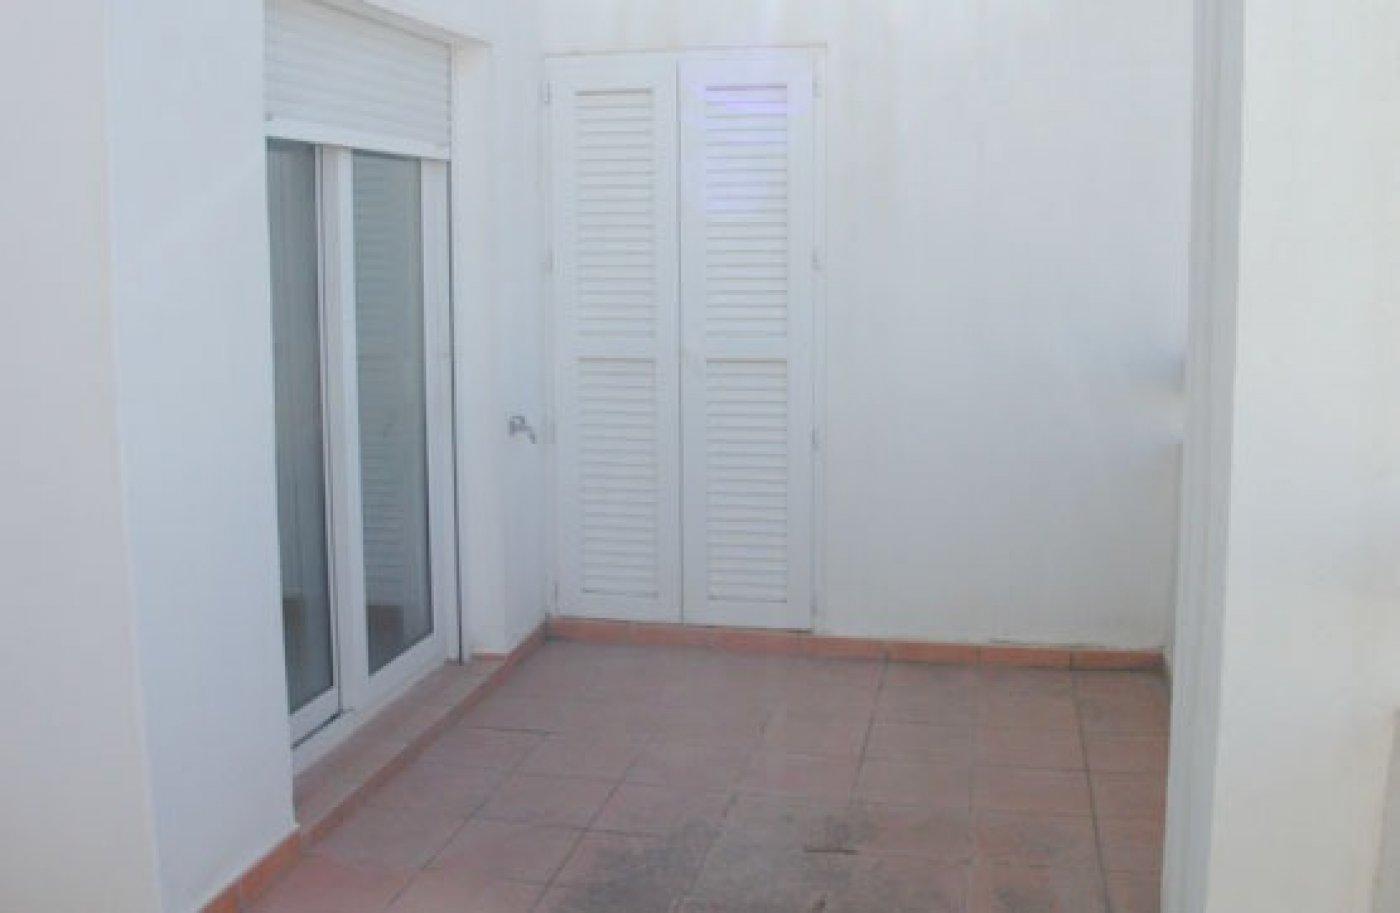 Image 3 Apartment ref 2797 for sale in Condado De Alhama Spain - Quality Homes Costa Cálida